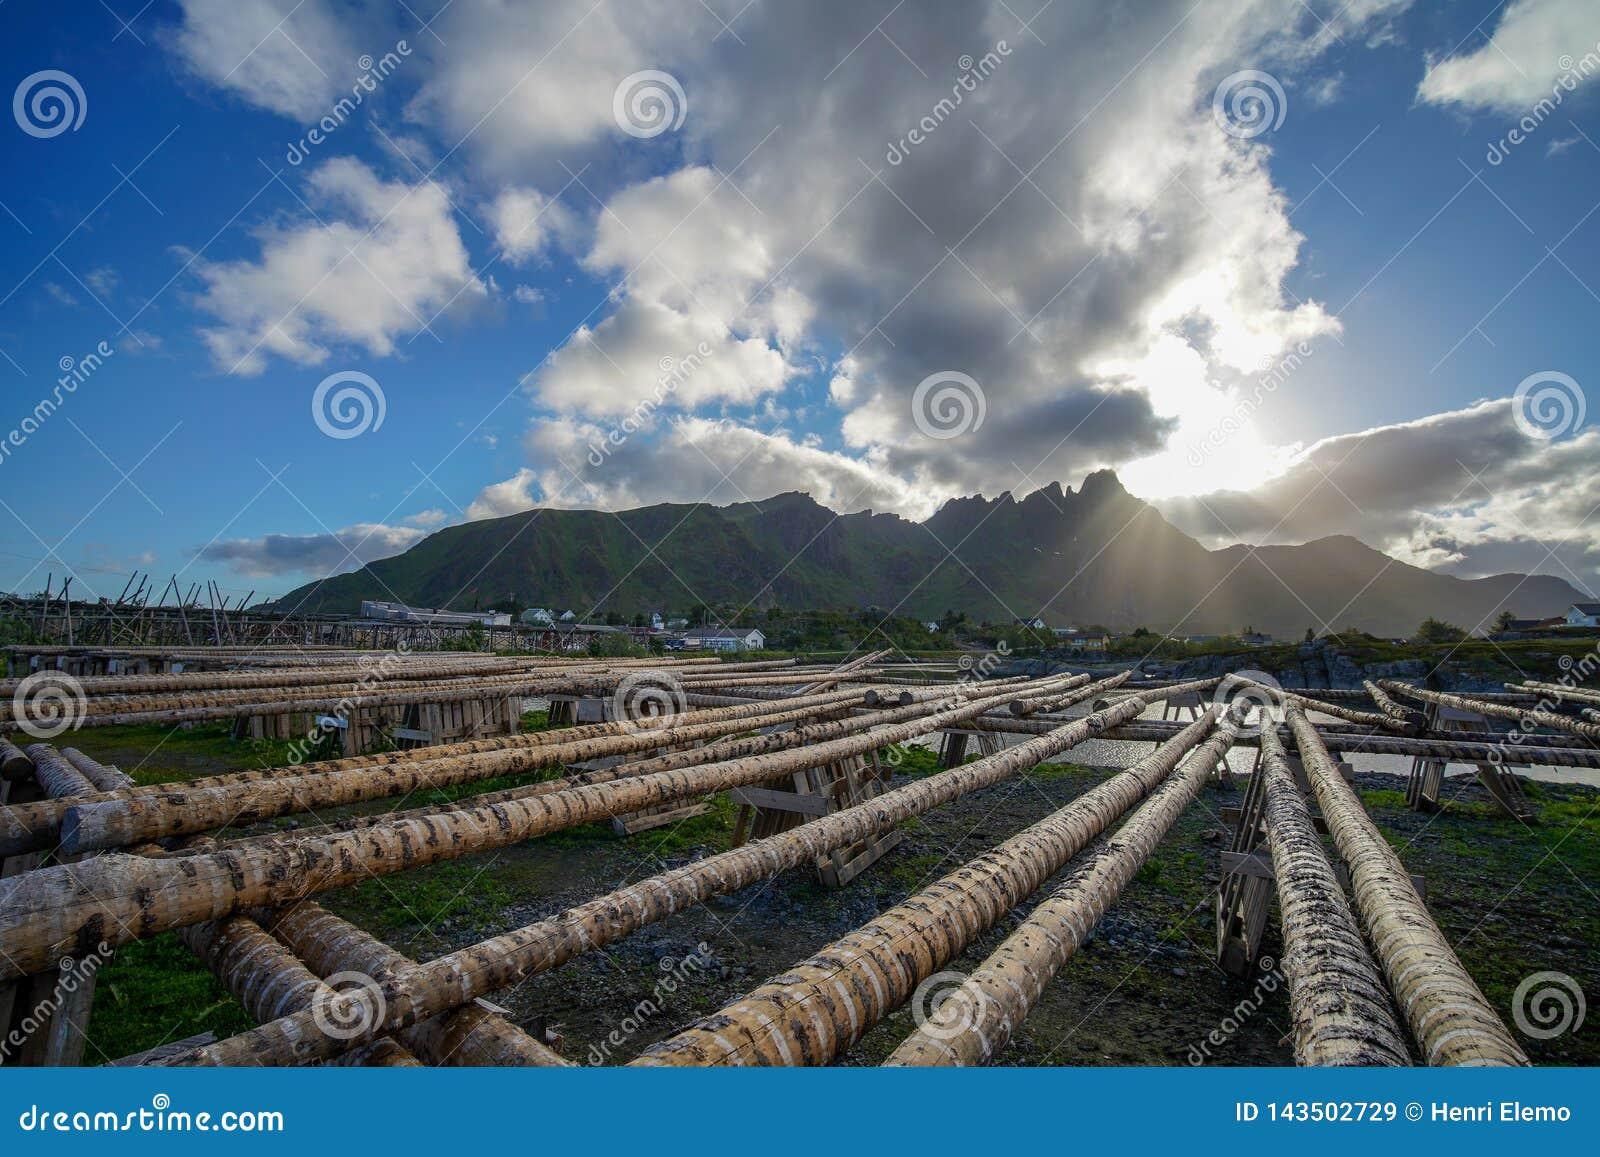 Ballstad, Norvège - 28 juin 2018 : Structure en bois chez Lofoten pour sécher des poissons